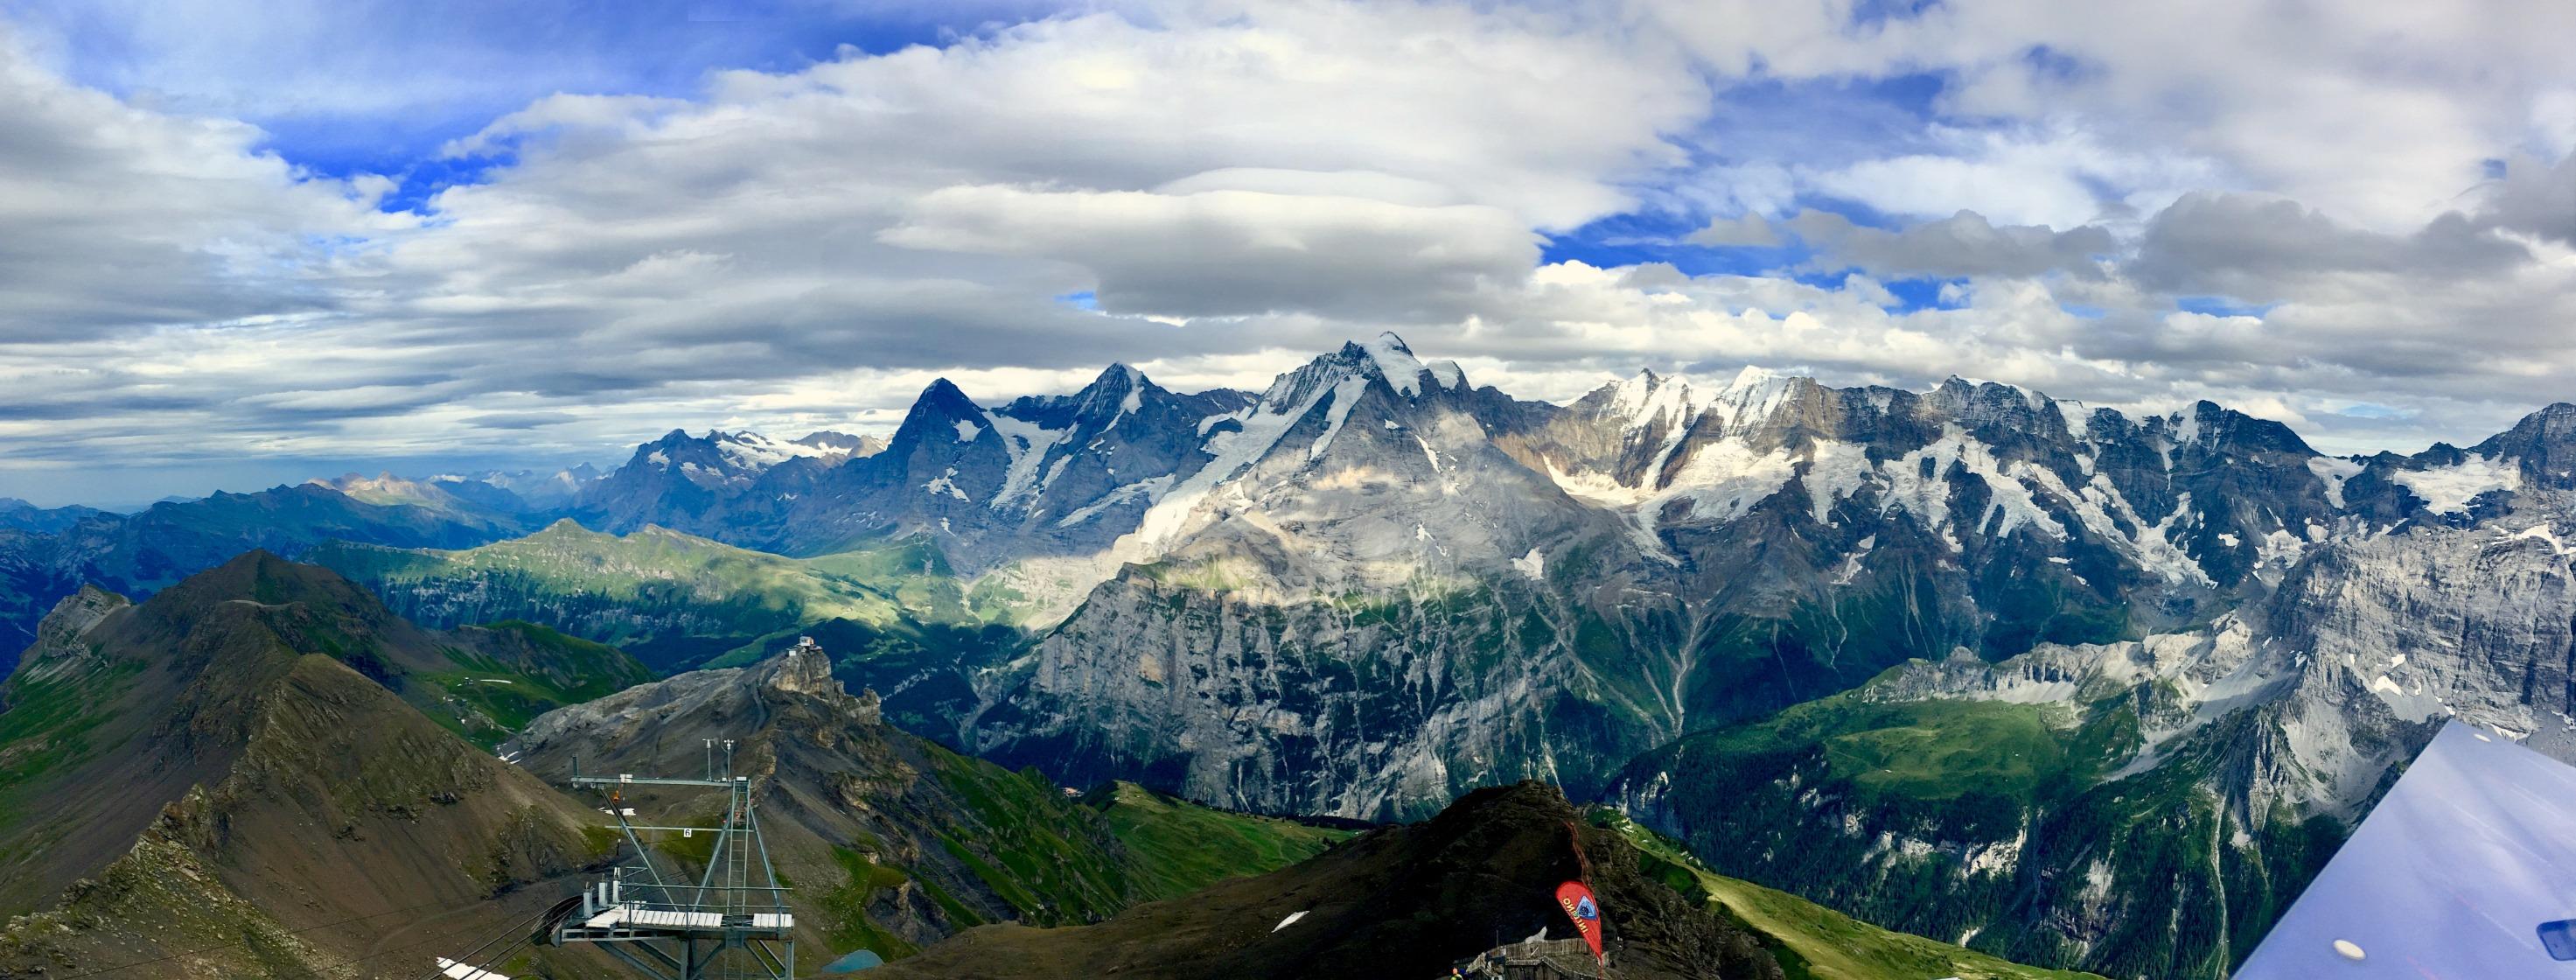 Eiger, Jungfrau, Mönch